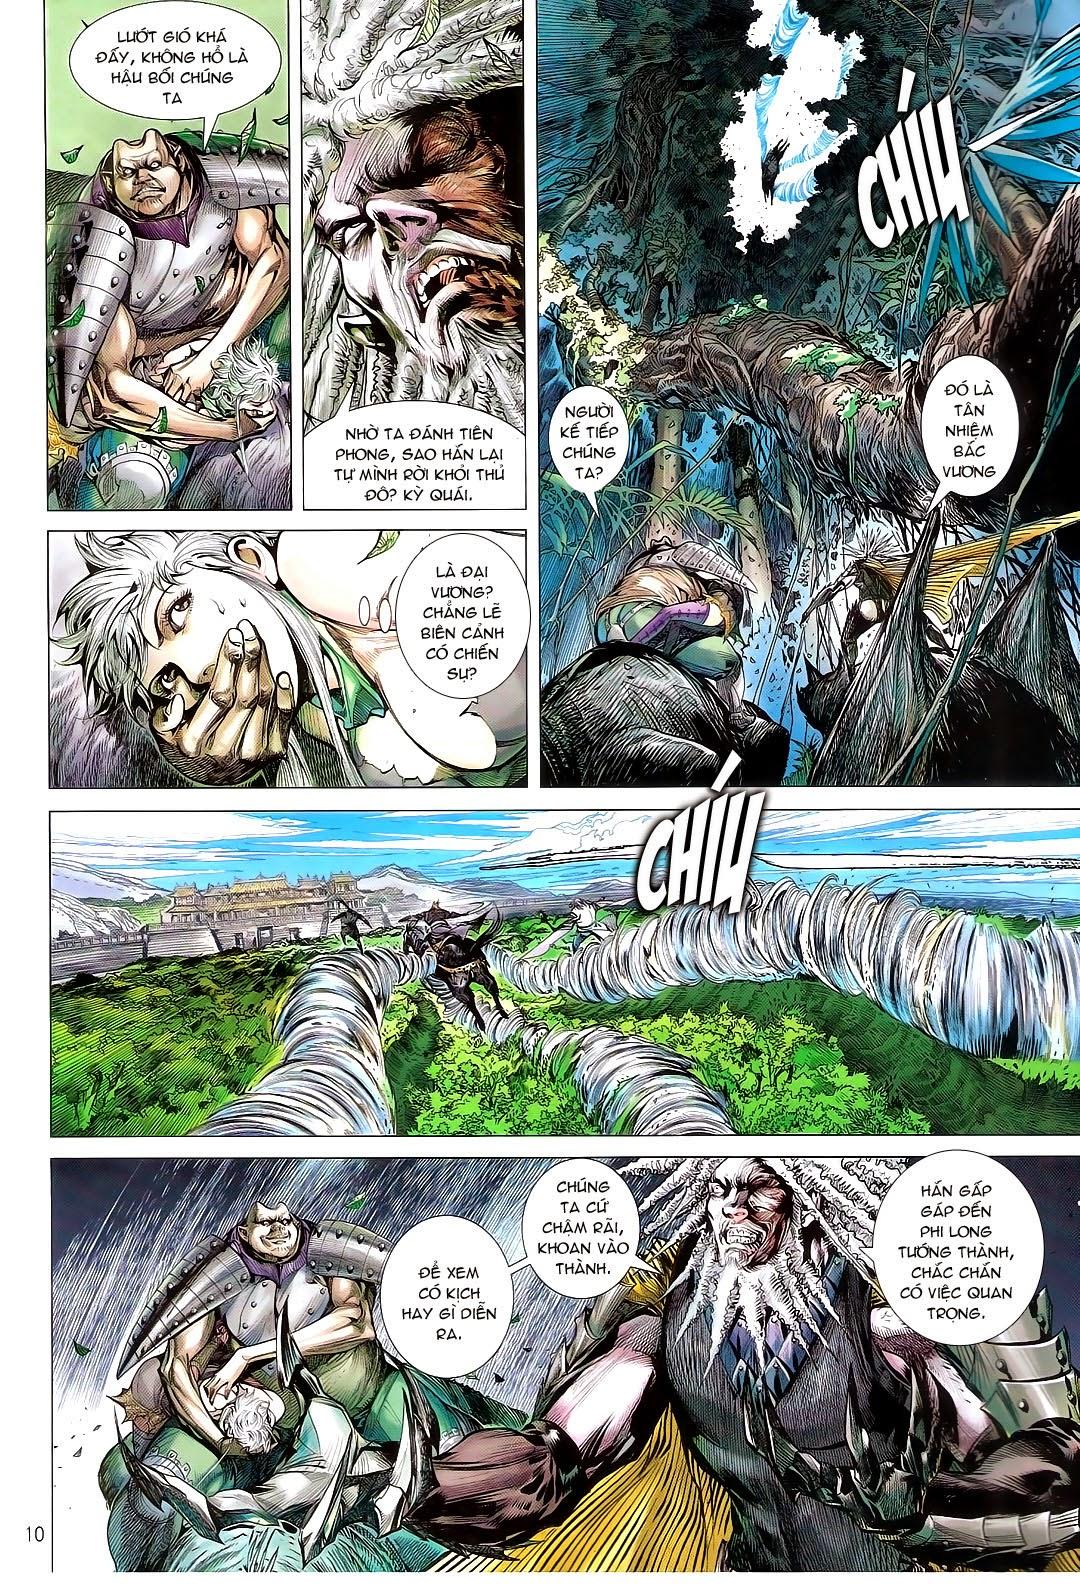 tuoithodudoi.com Thiết Tướng Tung Hoành Chapter 110 - 10.jpg